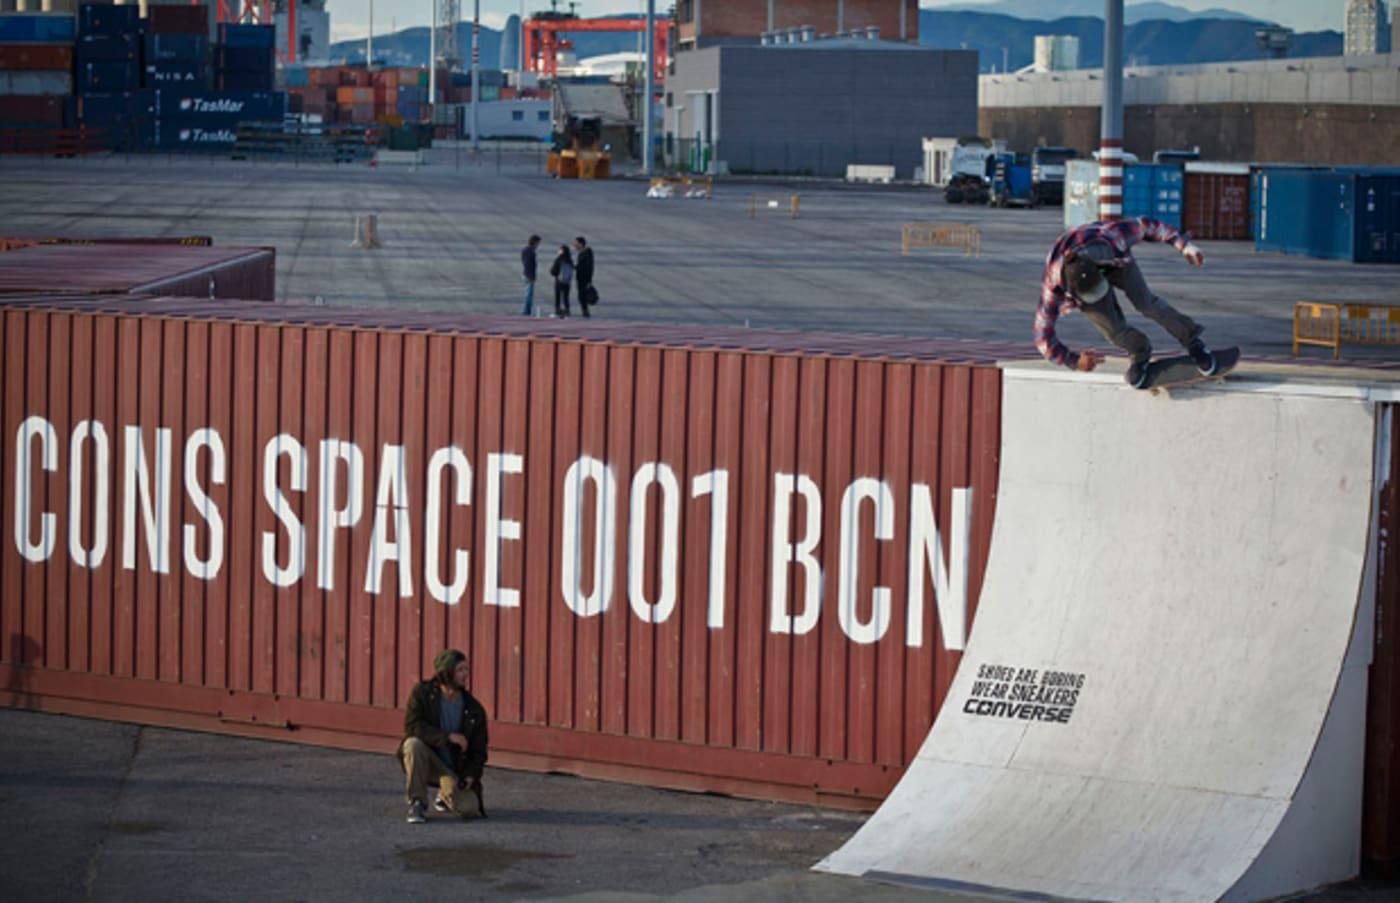 cons space 001 bcn